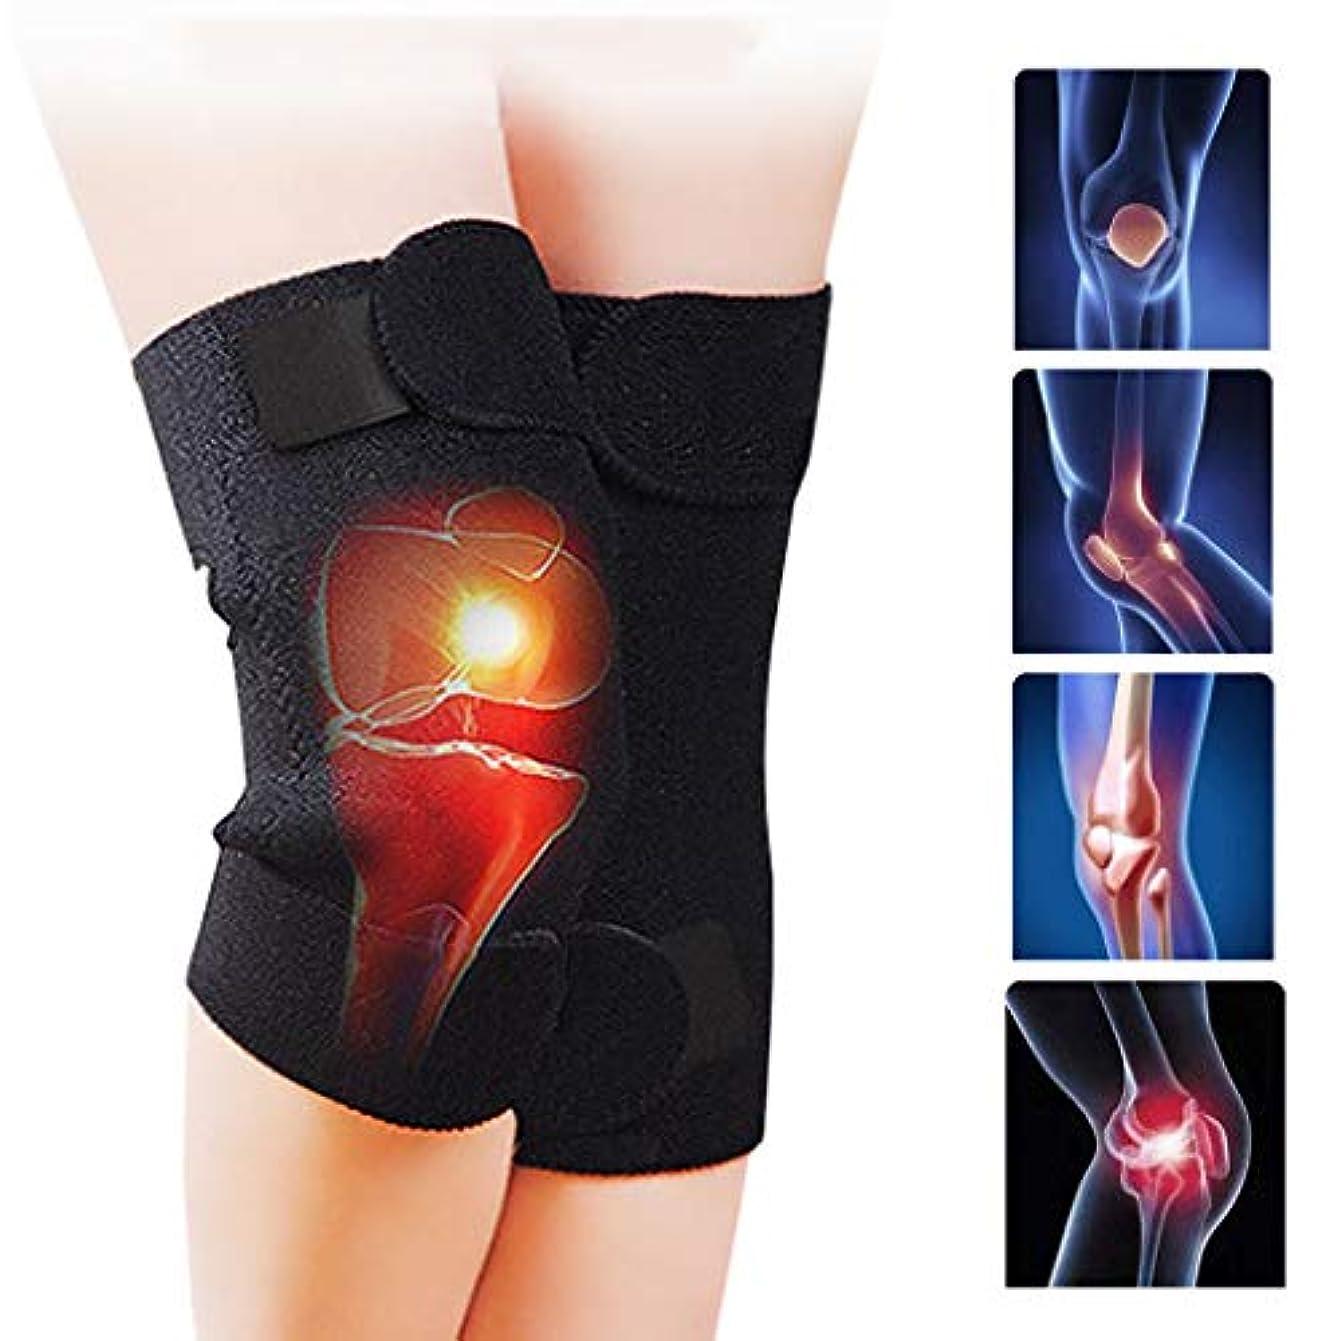 インポートミュージカル窒息させる自己発熱膝装具、血液循環、痛みの緩和浮腫、リウマチ性疾患の促進-女性と男性,2pairs